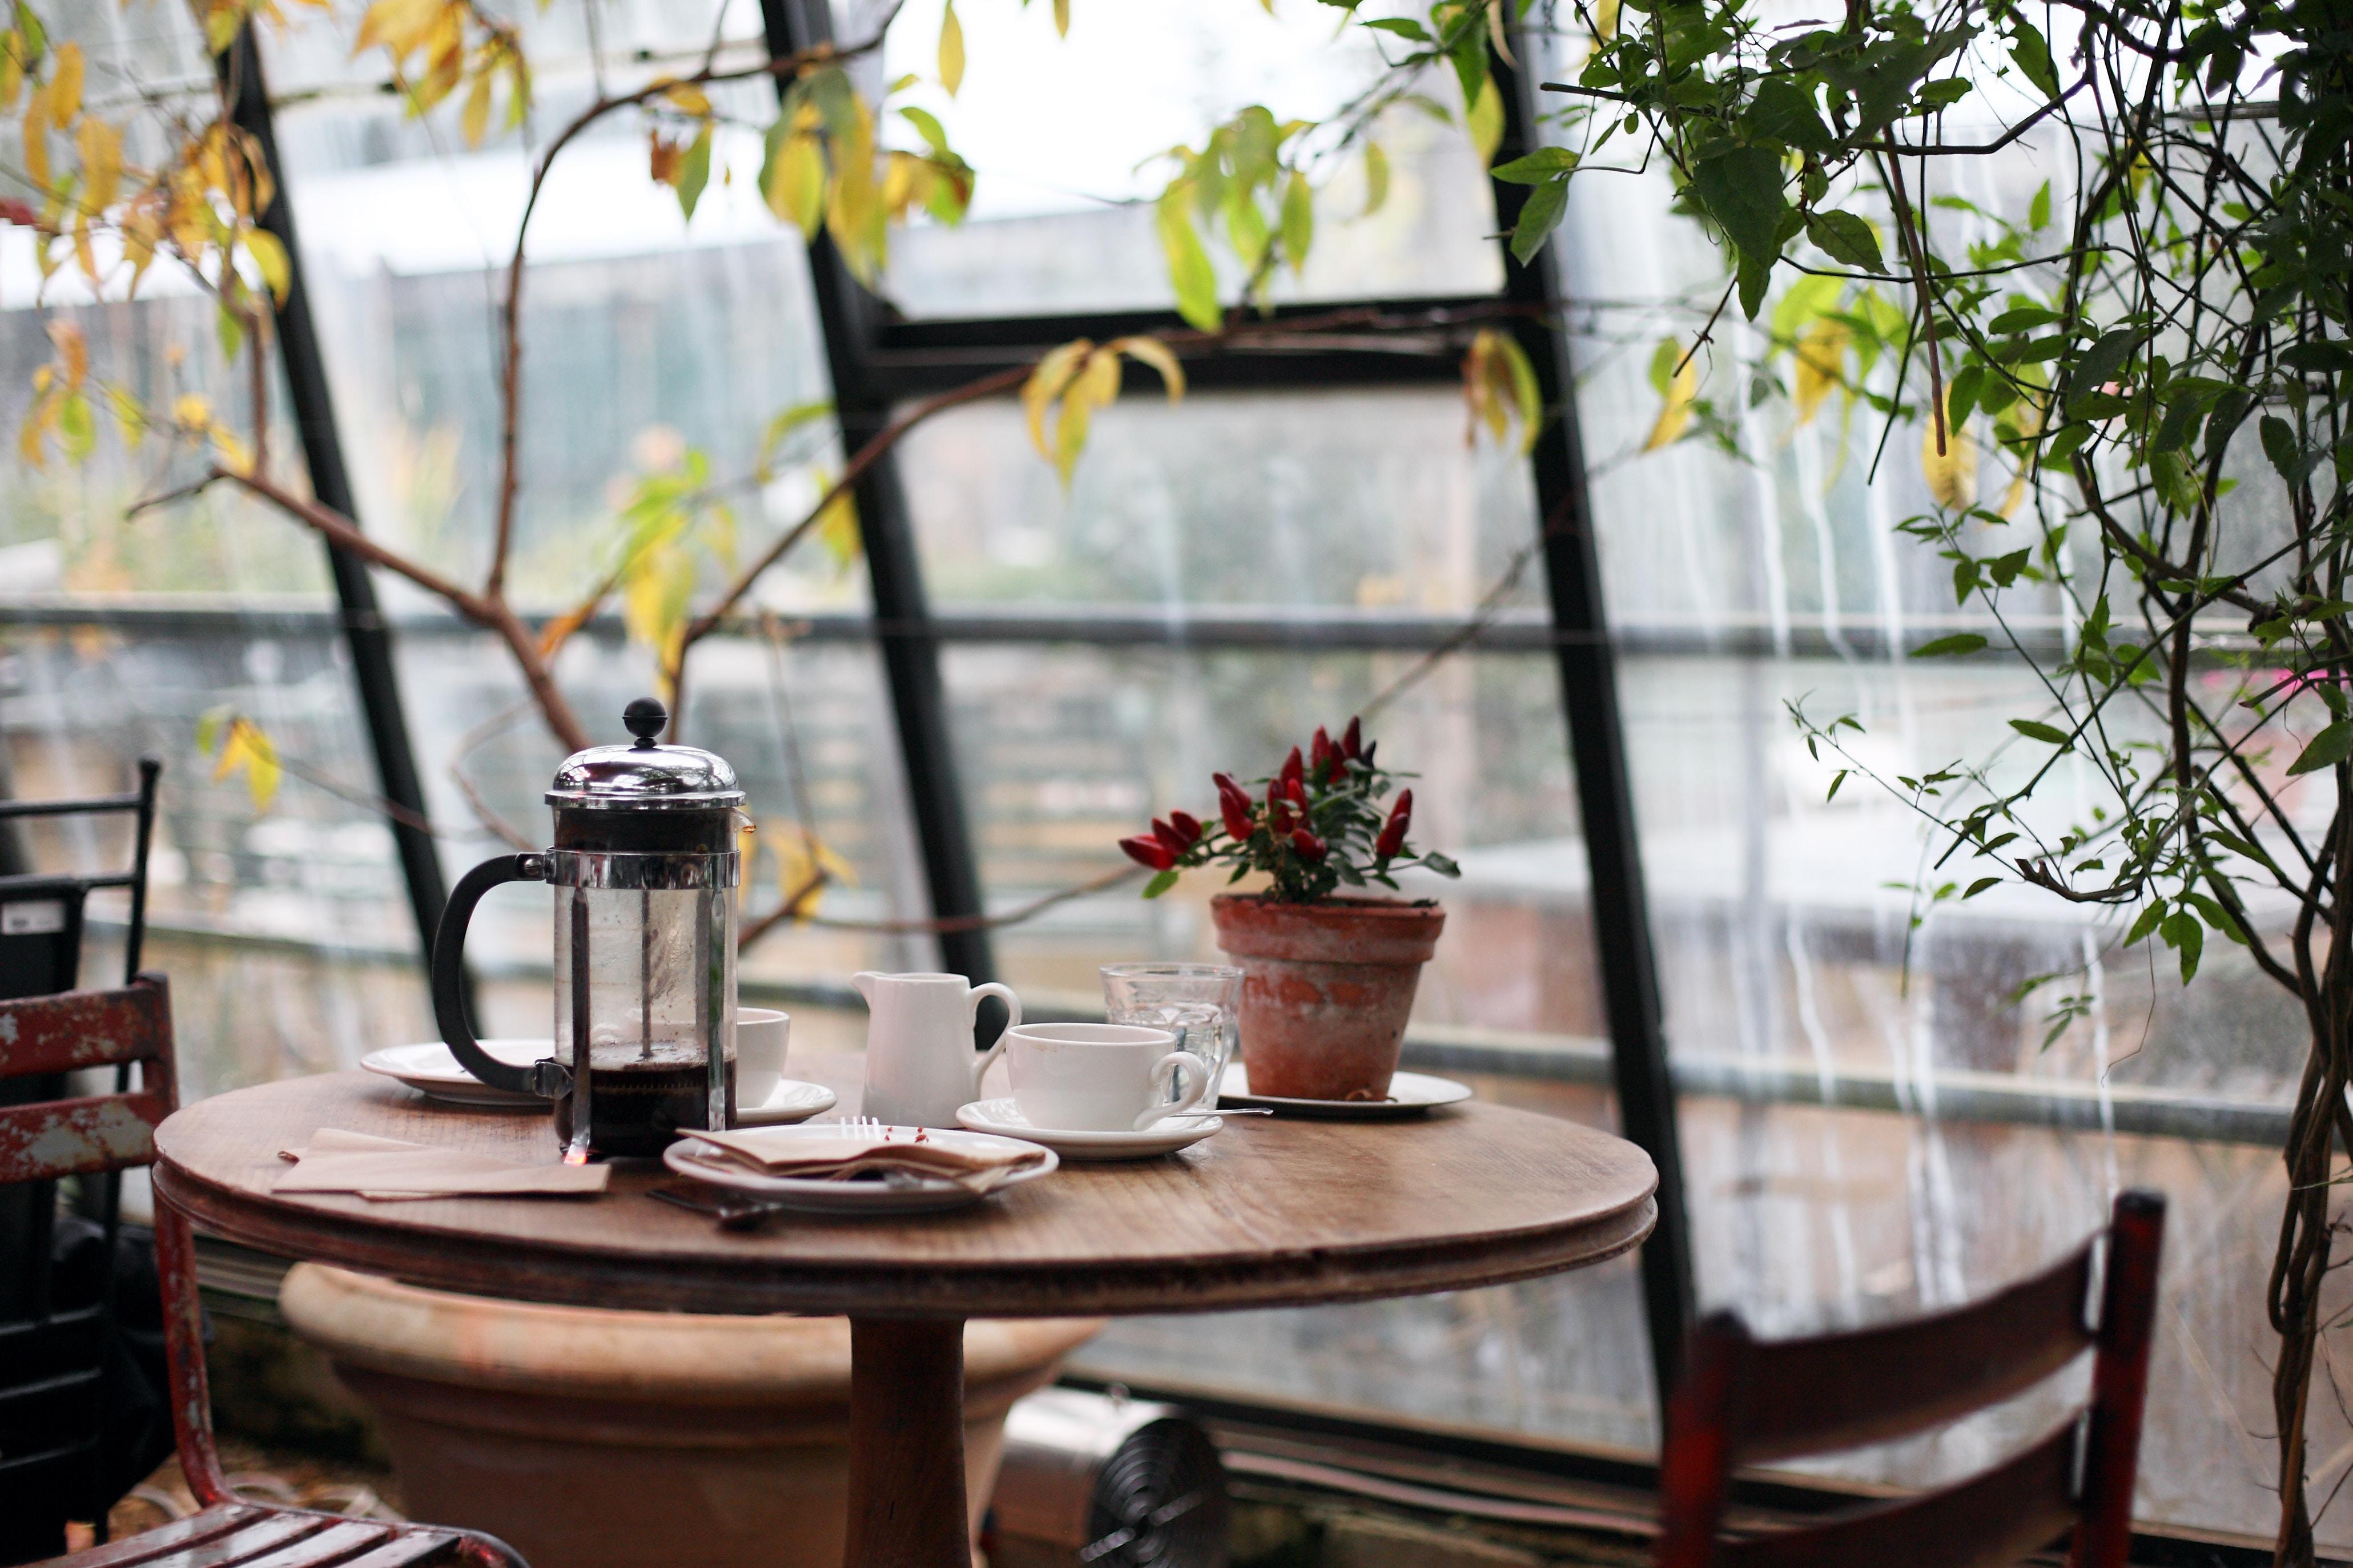 """Es geht doch nichts über einen guten """"French Press"""" Kaffee am Wochenende! (Foto: Kris Atomic/Unsplash)"""